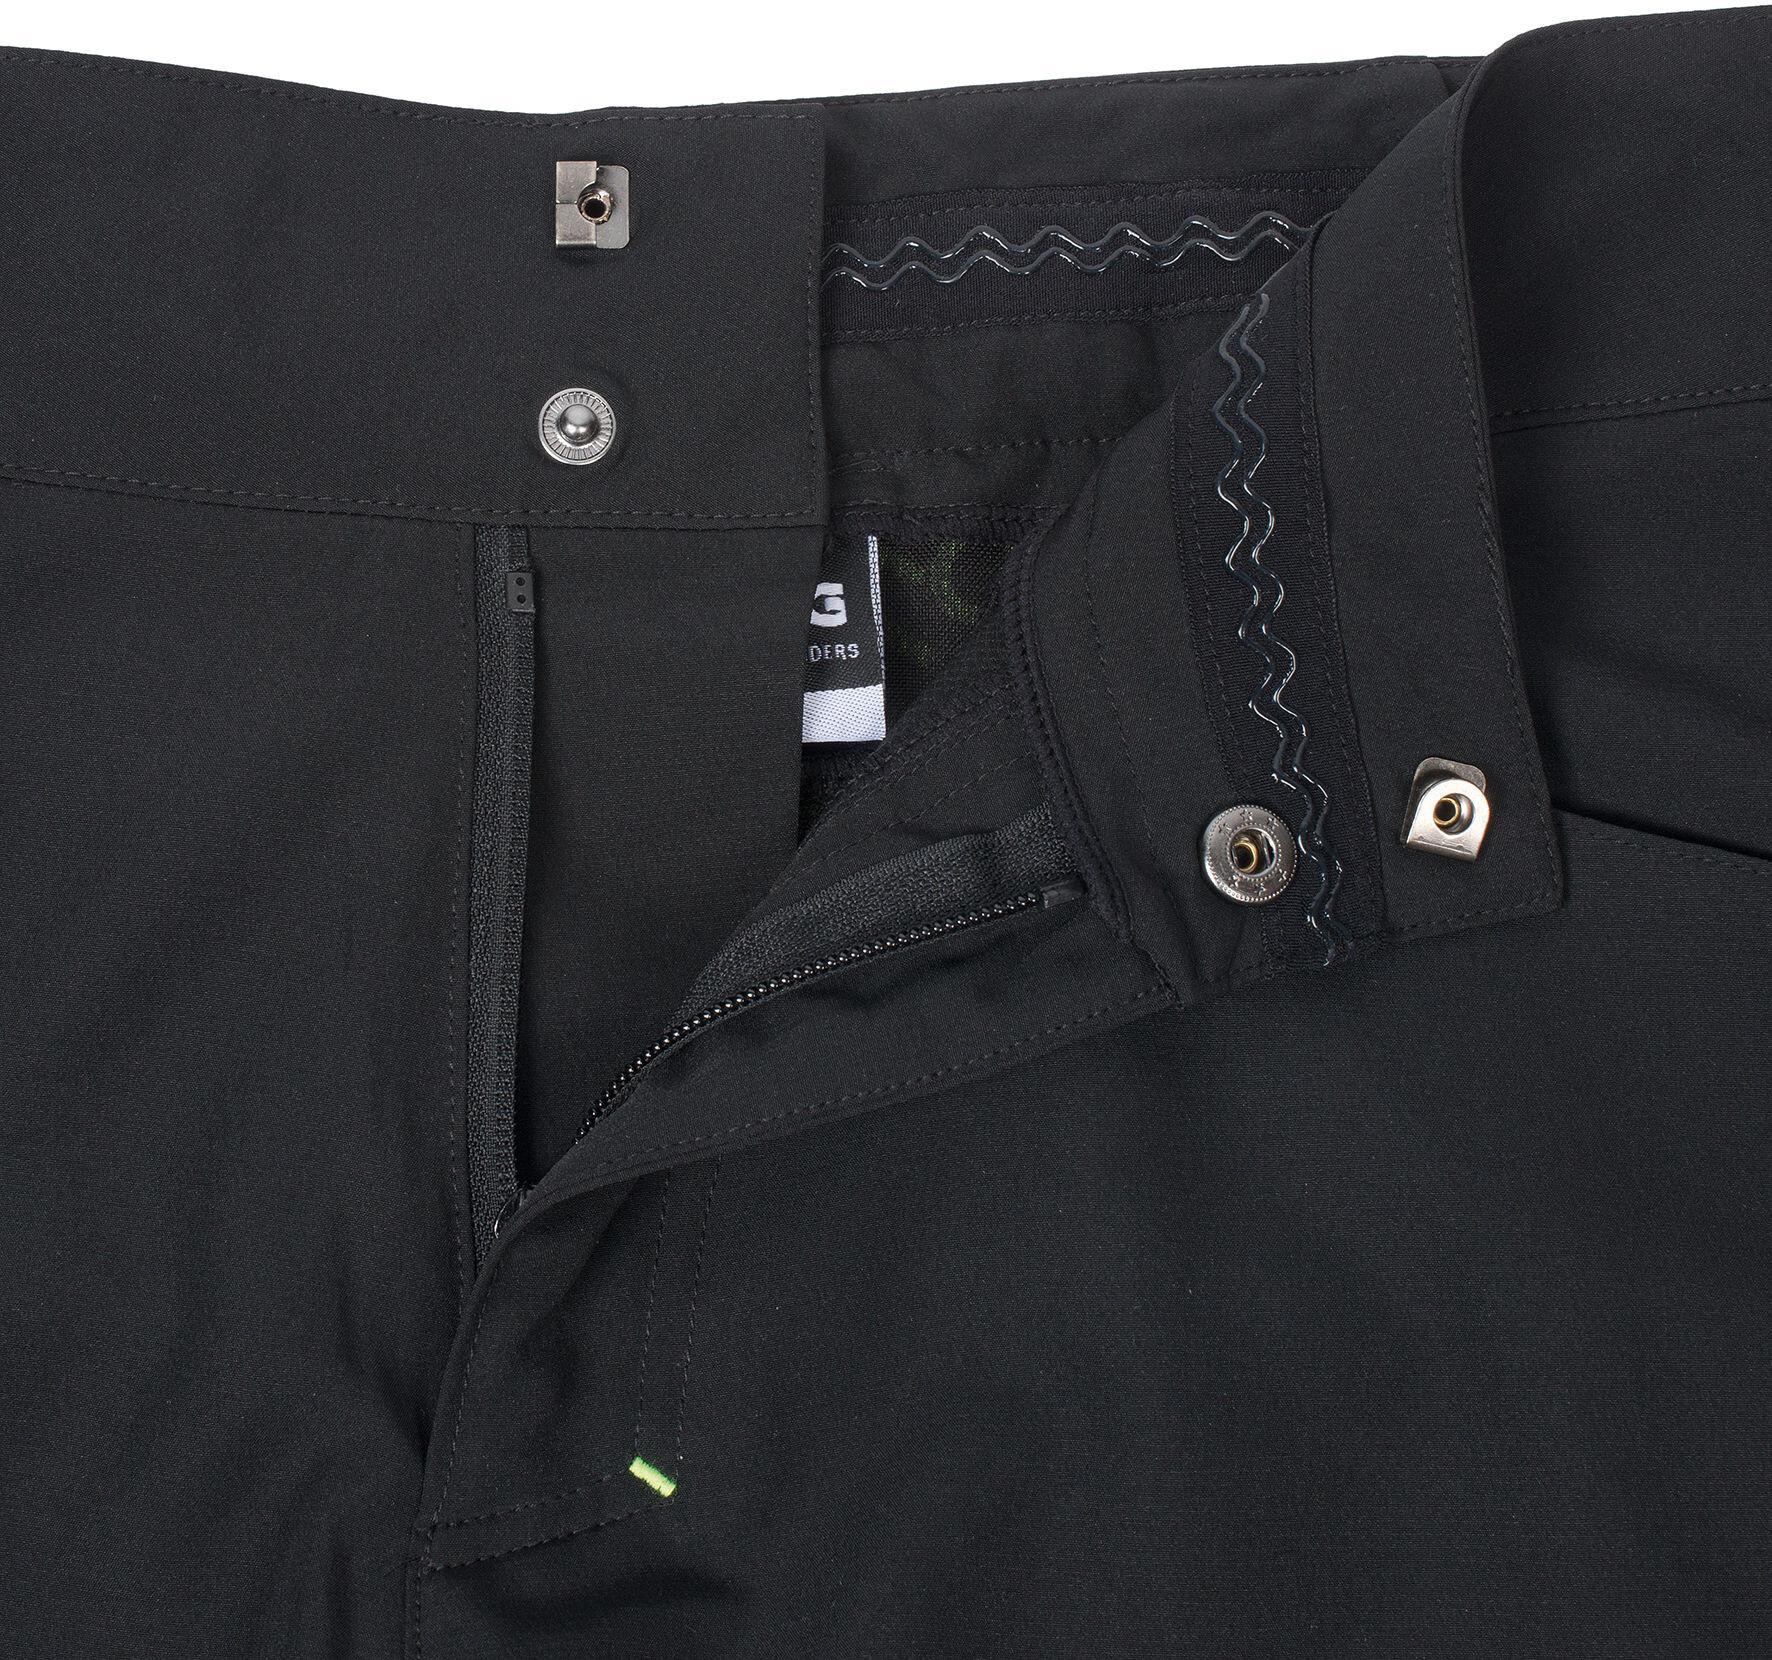 4c459fefb4 TSG SP2 - Culotte corto sin tirantes Hombre - negro